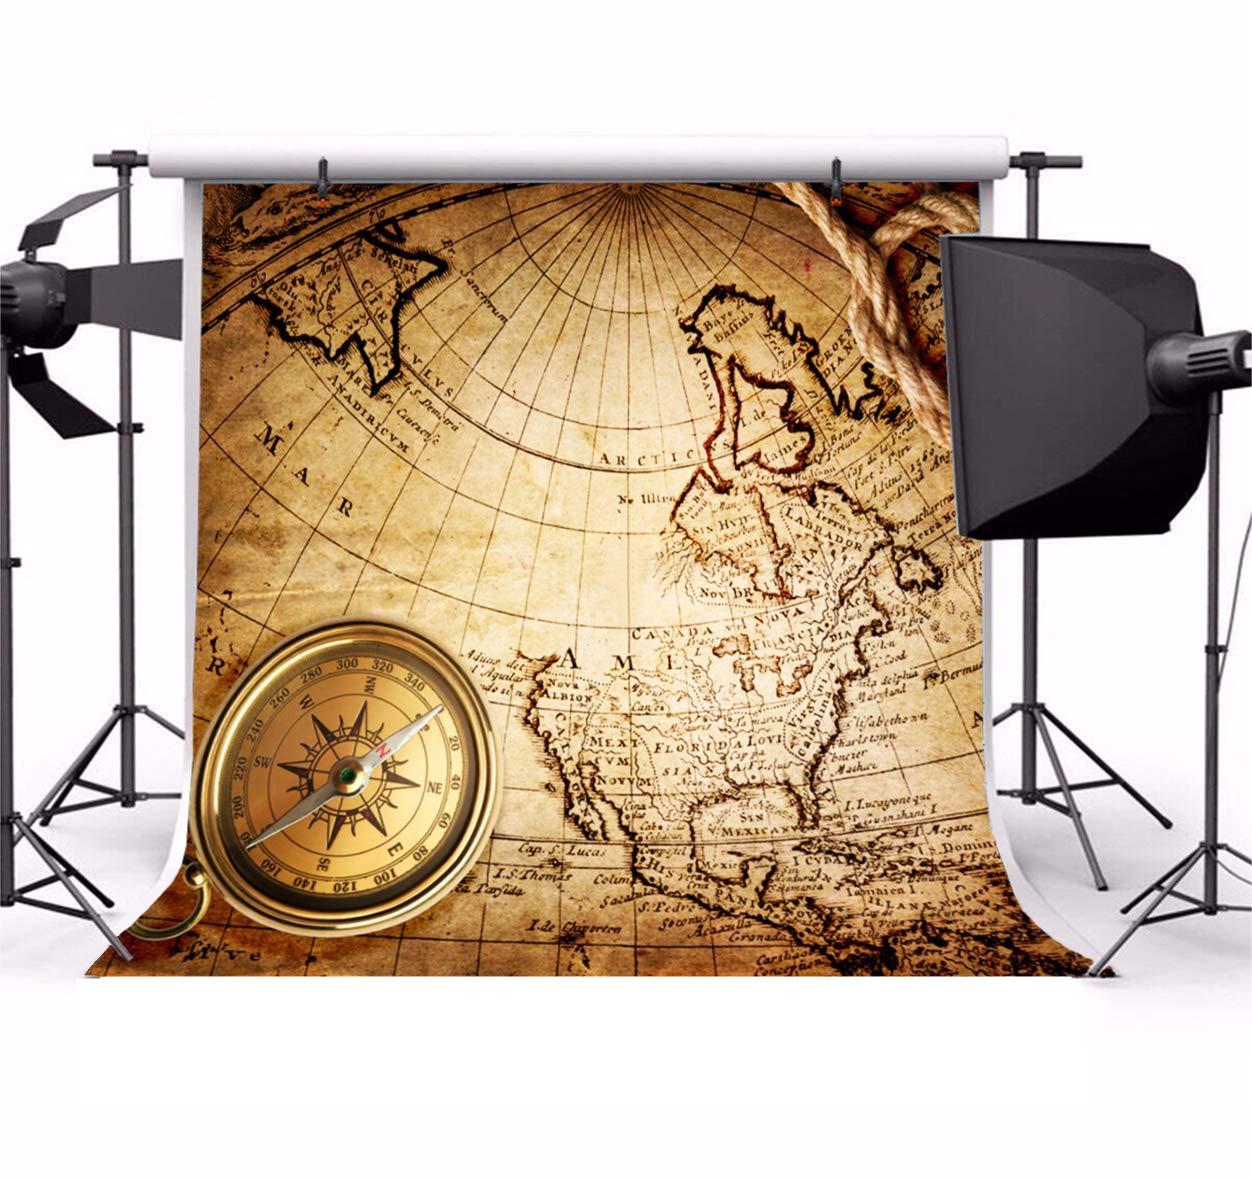 新しいエルメス 大人 子供 背景 写真 旅行 航海 世界大冒険 古い